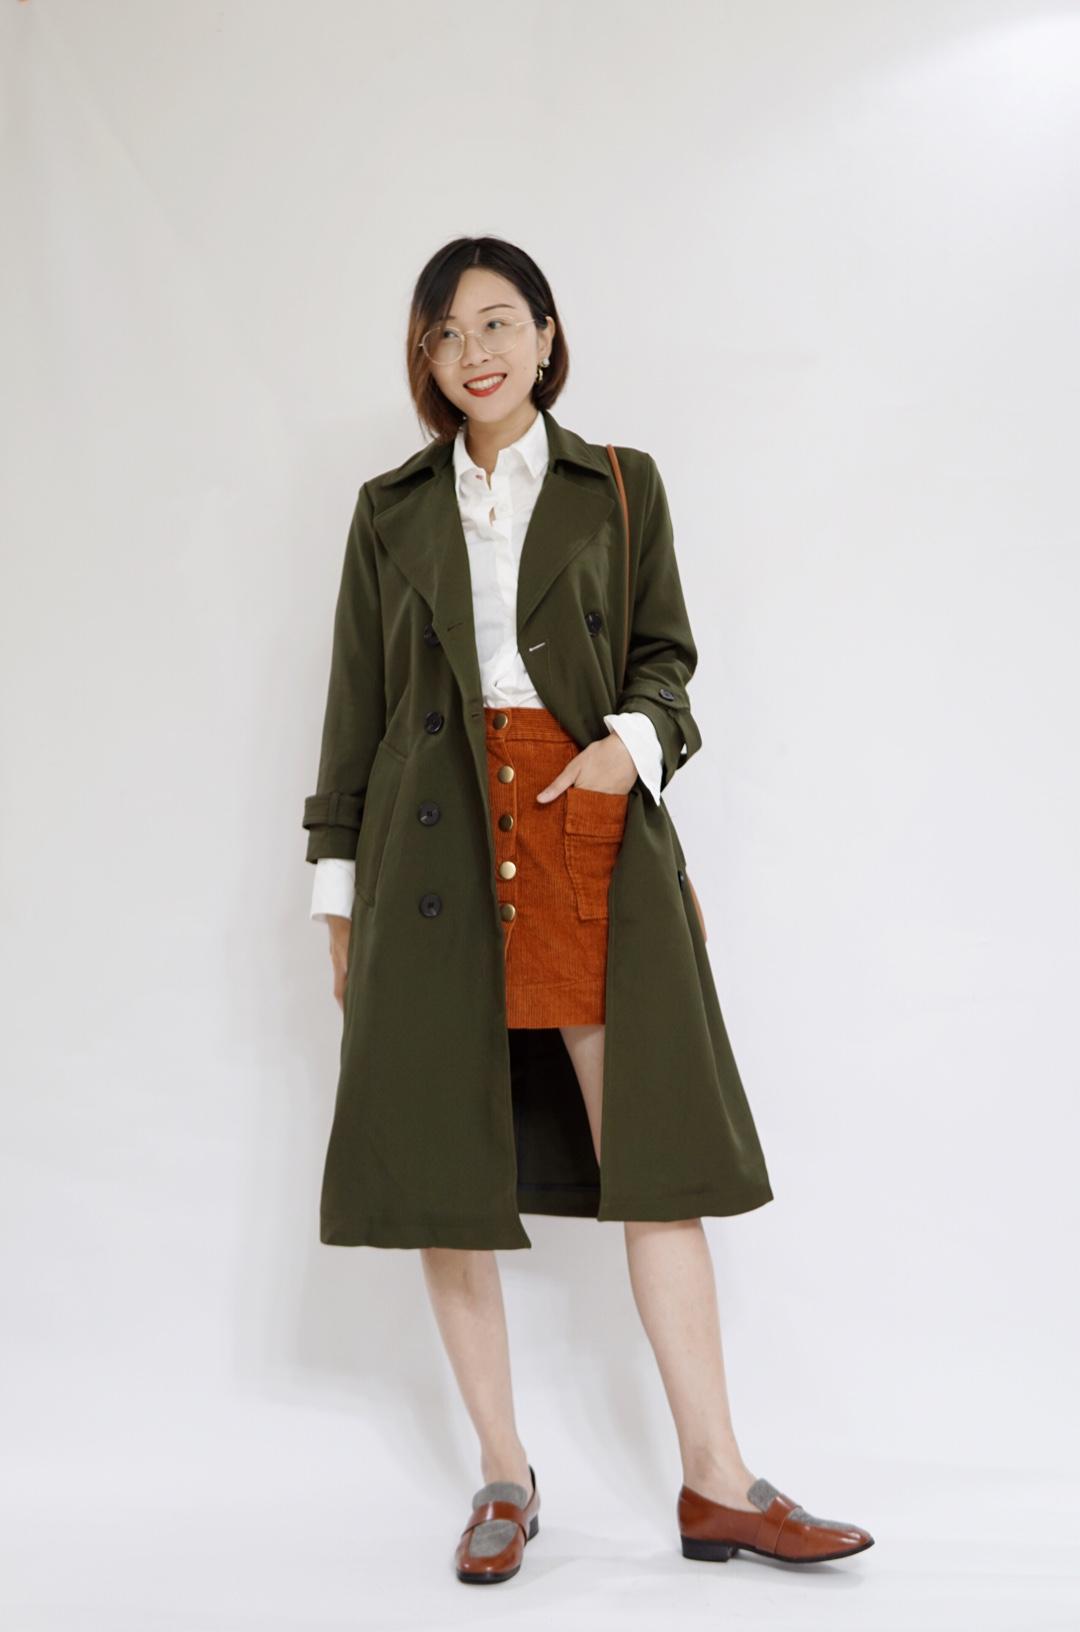 #露腿季,从上长下短开始!# 半身裙与风衣是什么神仙搭配,太太显瘦了吧。 特别喜欢这套军绿色与棕色的组合,很有精神了。军绿的外套超级适合春天,真的好看。